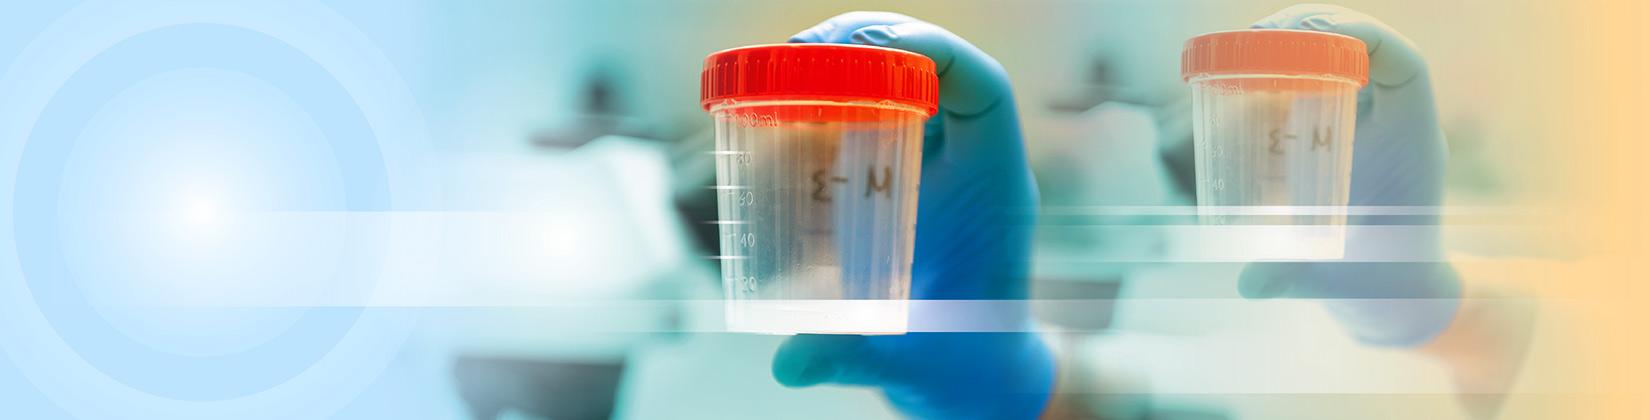 Ανδρολογικό εργαστήριο Ζεγκινιάδου μικροβιολογία σπέρματος